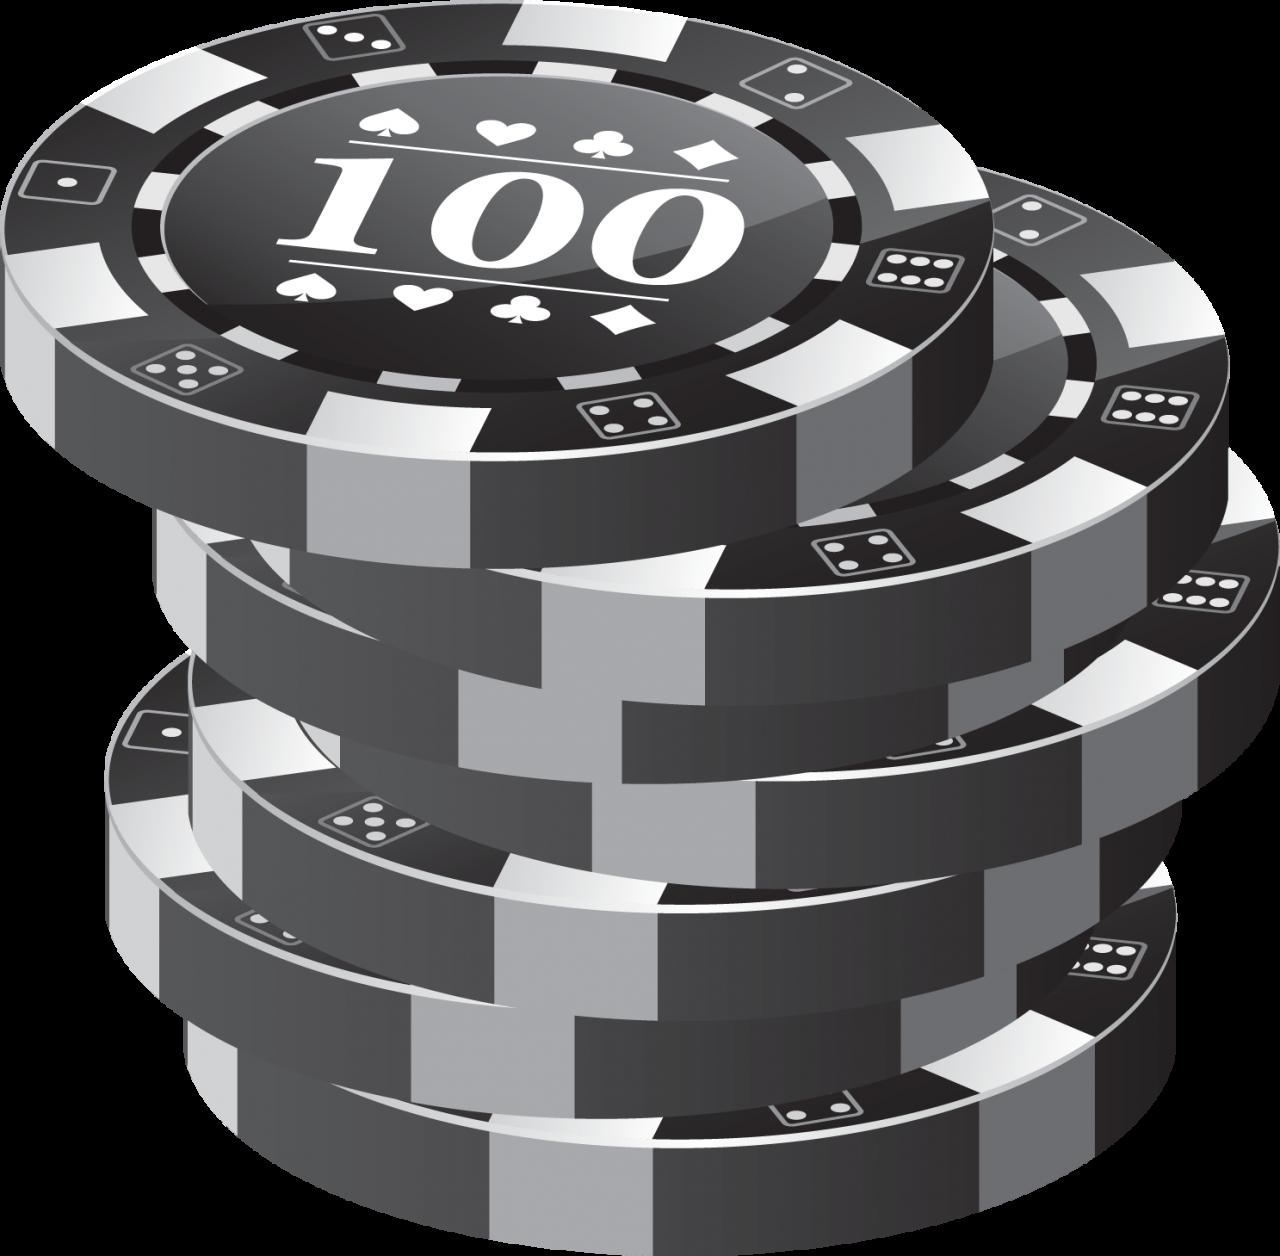 Poker Chips Png Image Purepng Free Transparent Cc0 Png Image Library Tatuagem De Jogos Tatuagem De Dinheiro Jogos De Casino